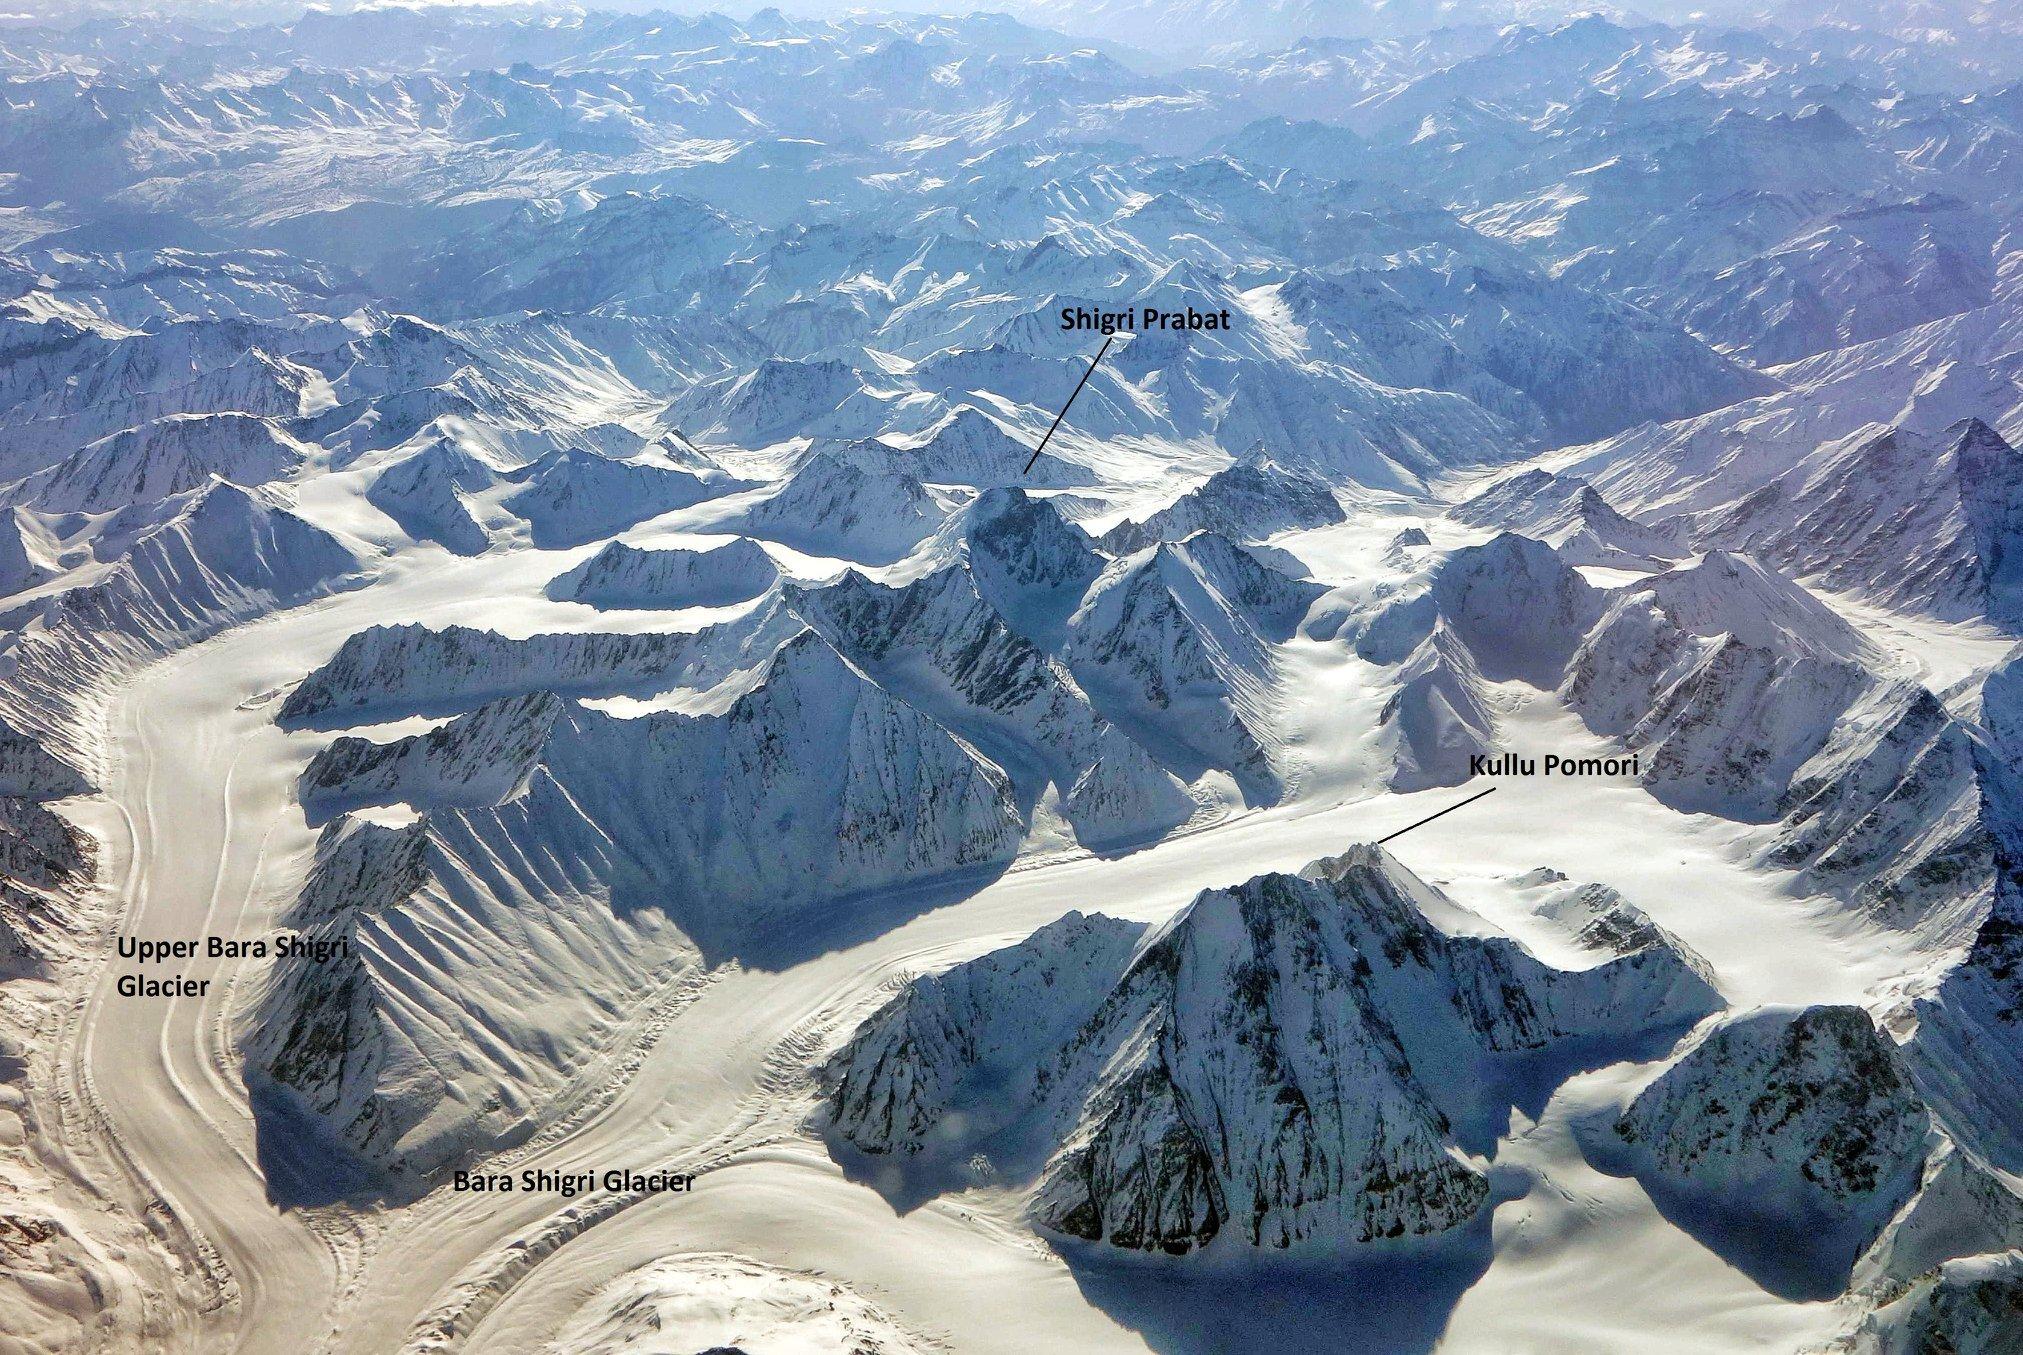 The Bara Shigri Glacier